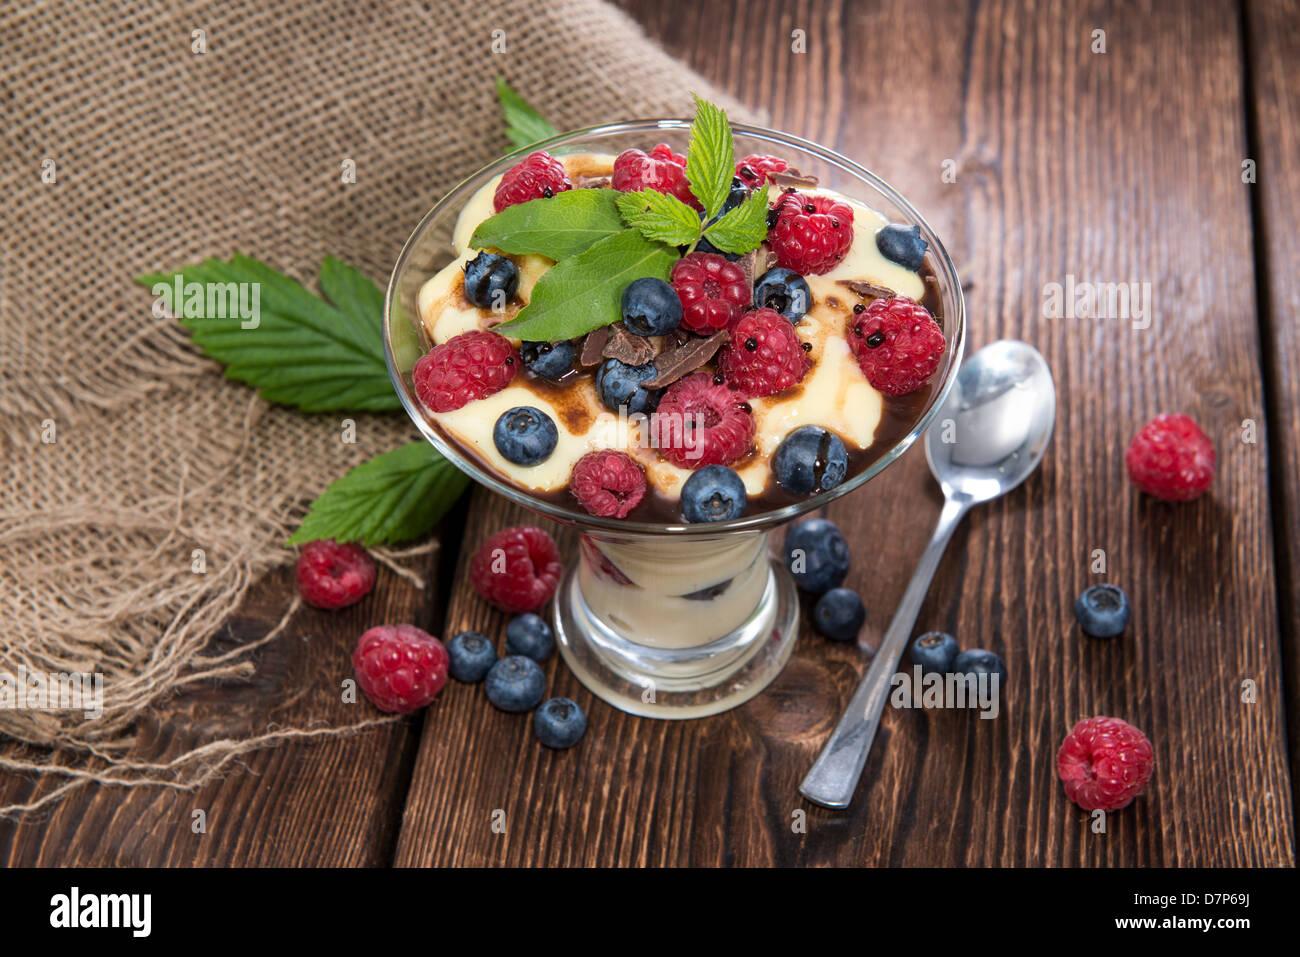 Pudding-Dessert mit Schokoladensauce und frischen Beeren auf hölzernen Hintergrund Stockbild